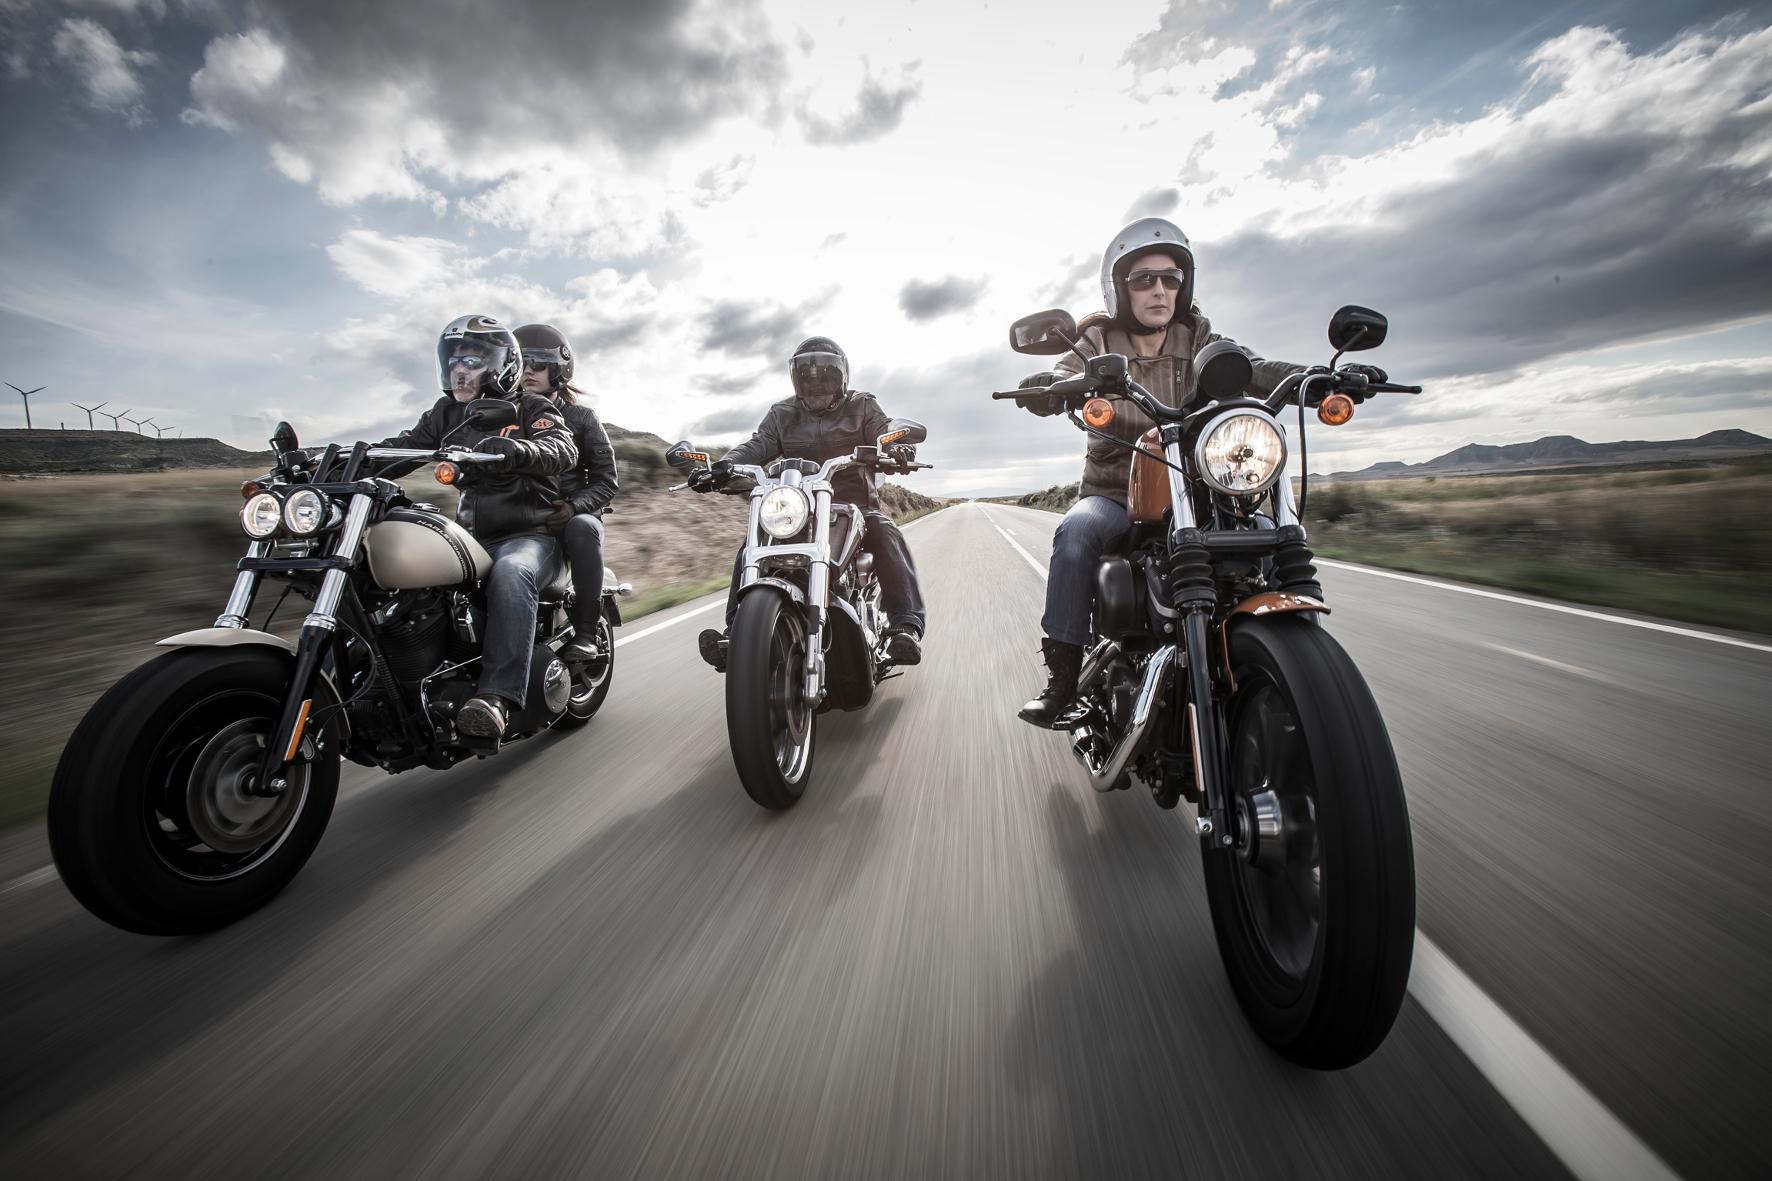 mid Groß-Gerau - Mehr als ein Motorrad: Auf einer Harley-Davidson fühlt sich jeder Biker ein bisschen wie ein Easy Rider.